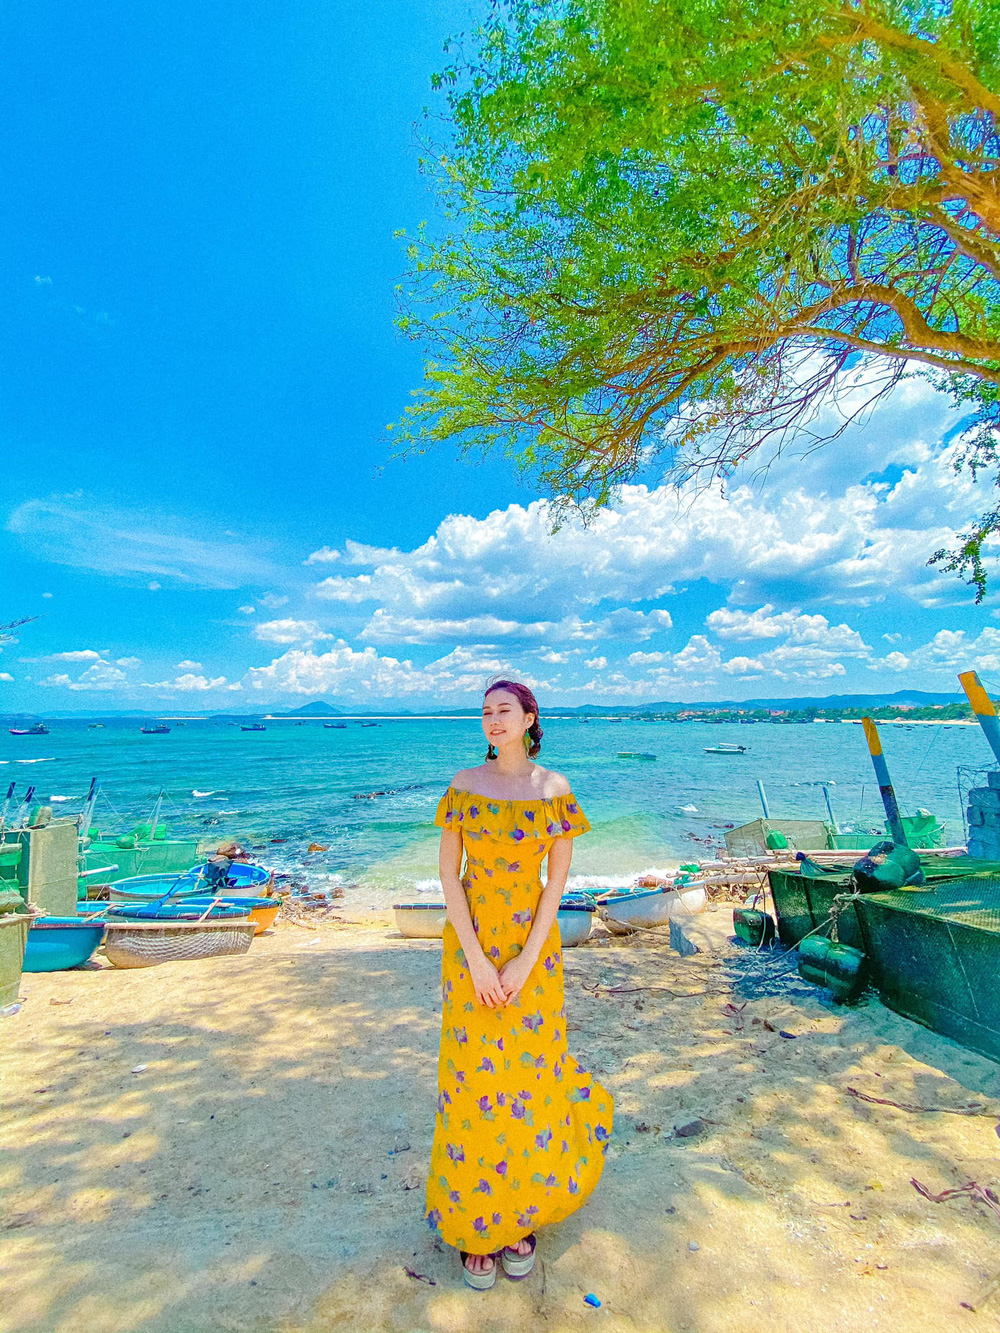 Dàn diễn viên diện đầm trễ vai: Phương Oanh, Bảo Thanh đẹp không tì vết, Hồng Diễm hack tuổi thần sầu - Ảnh 10.